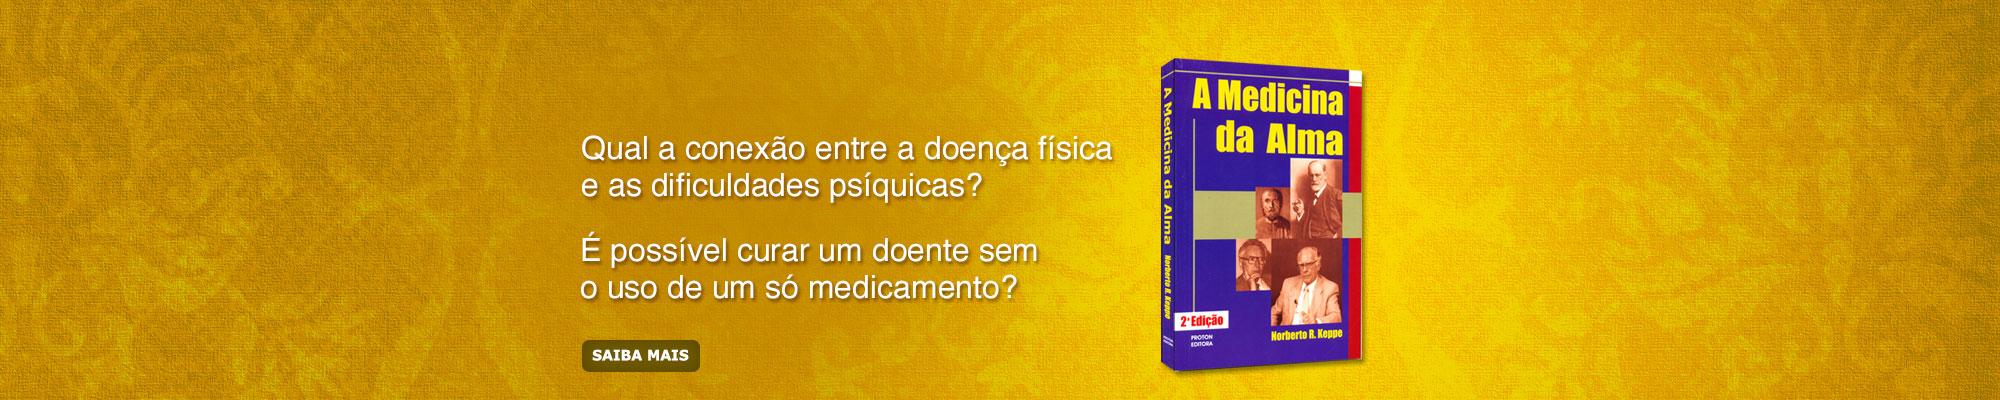 banner-livro-medicina-da-alma